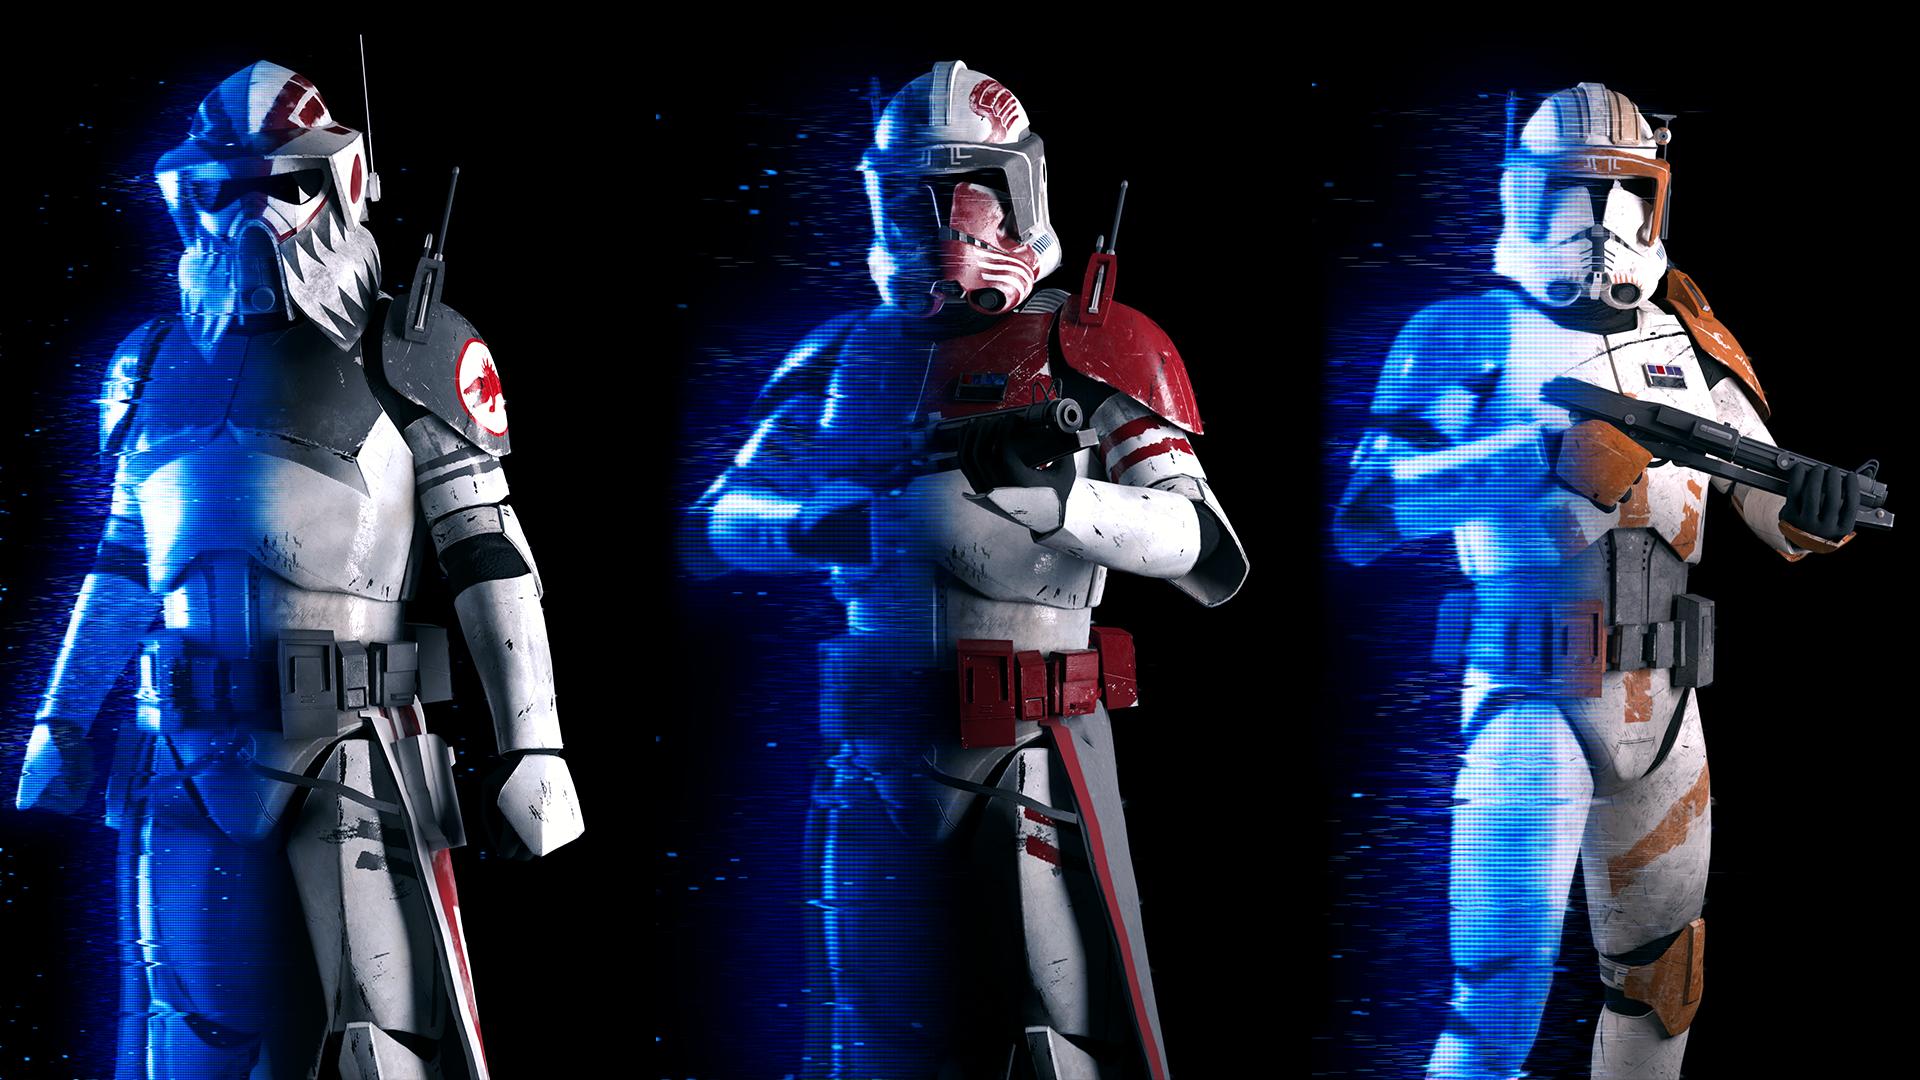 25+ Clone Trooper Wallpaper Battlefront 2 Pics